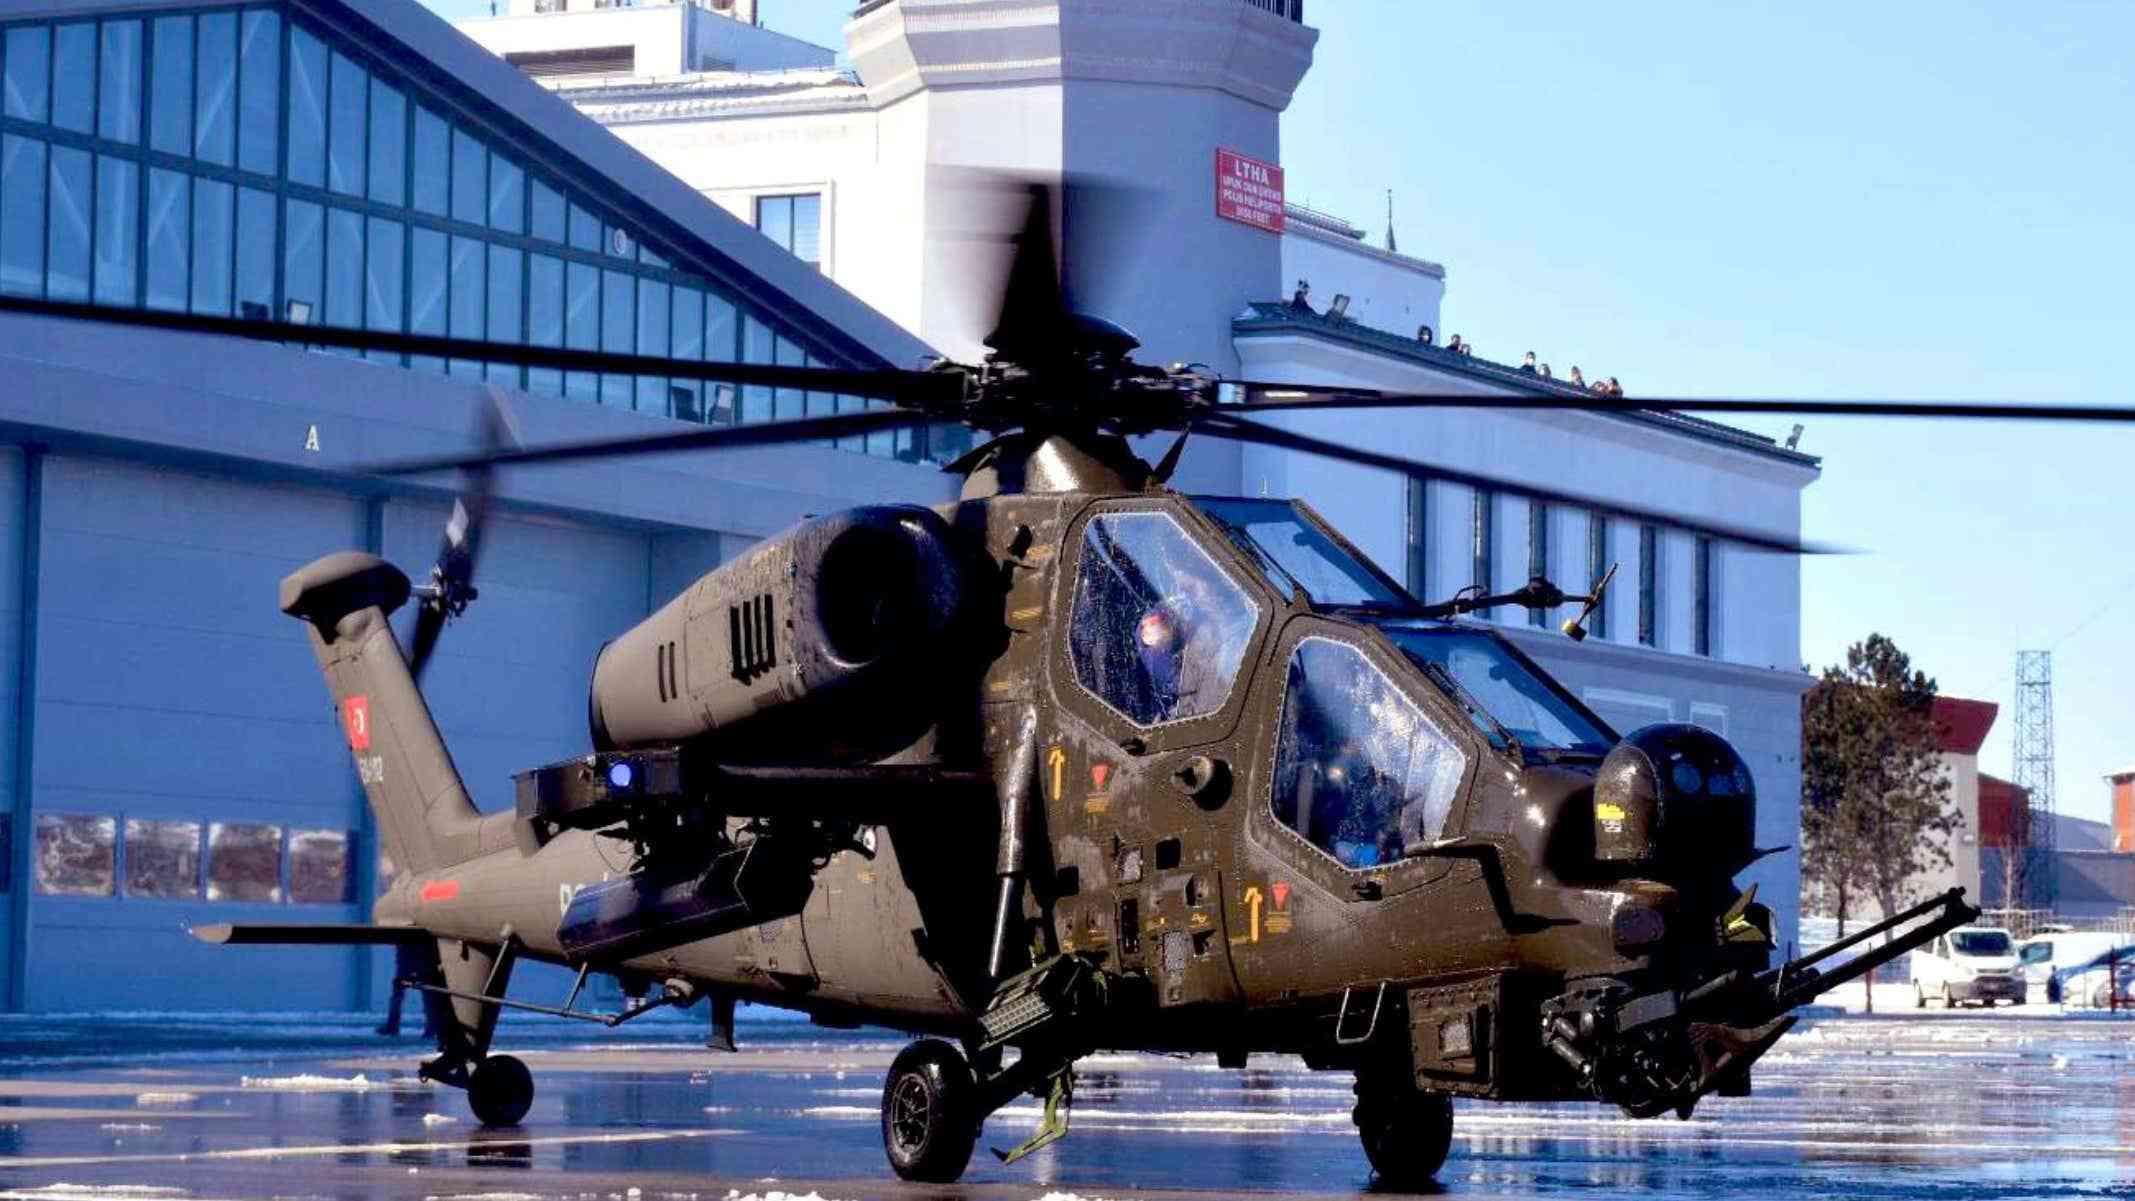 警察局也有武装直升机?土耳其创先河,警花飞行员试戴头盔显示器